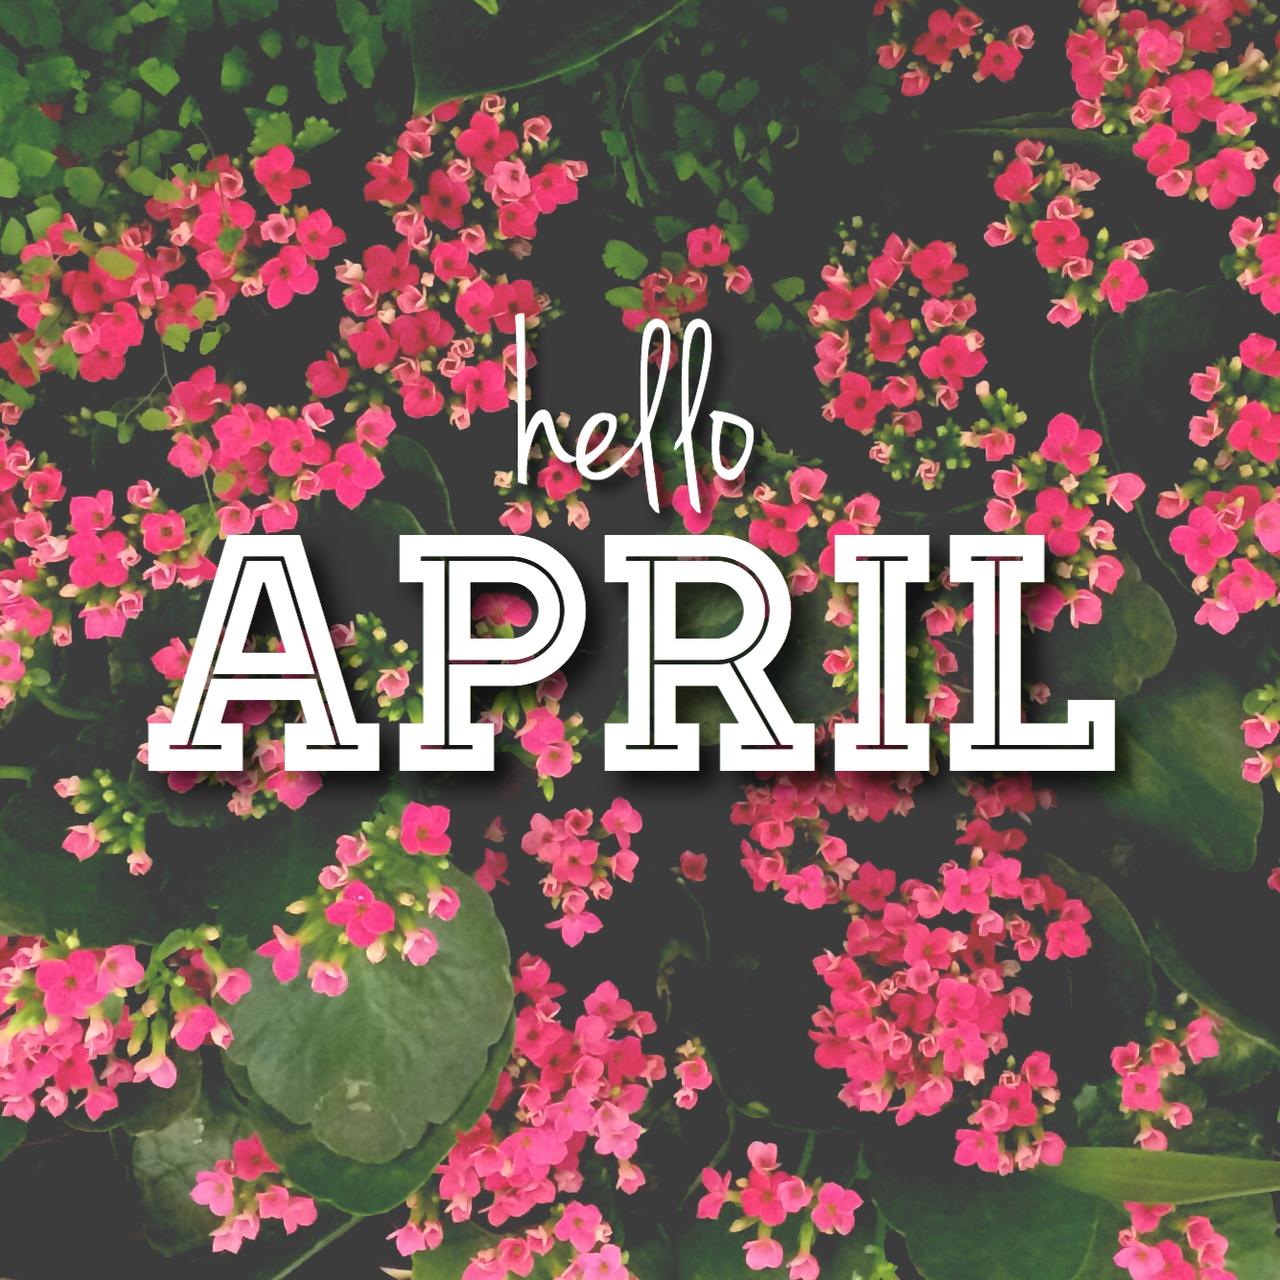 Красивые картинки с надписью апрель, открытки днем